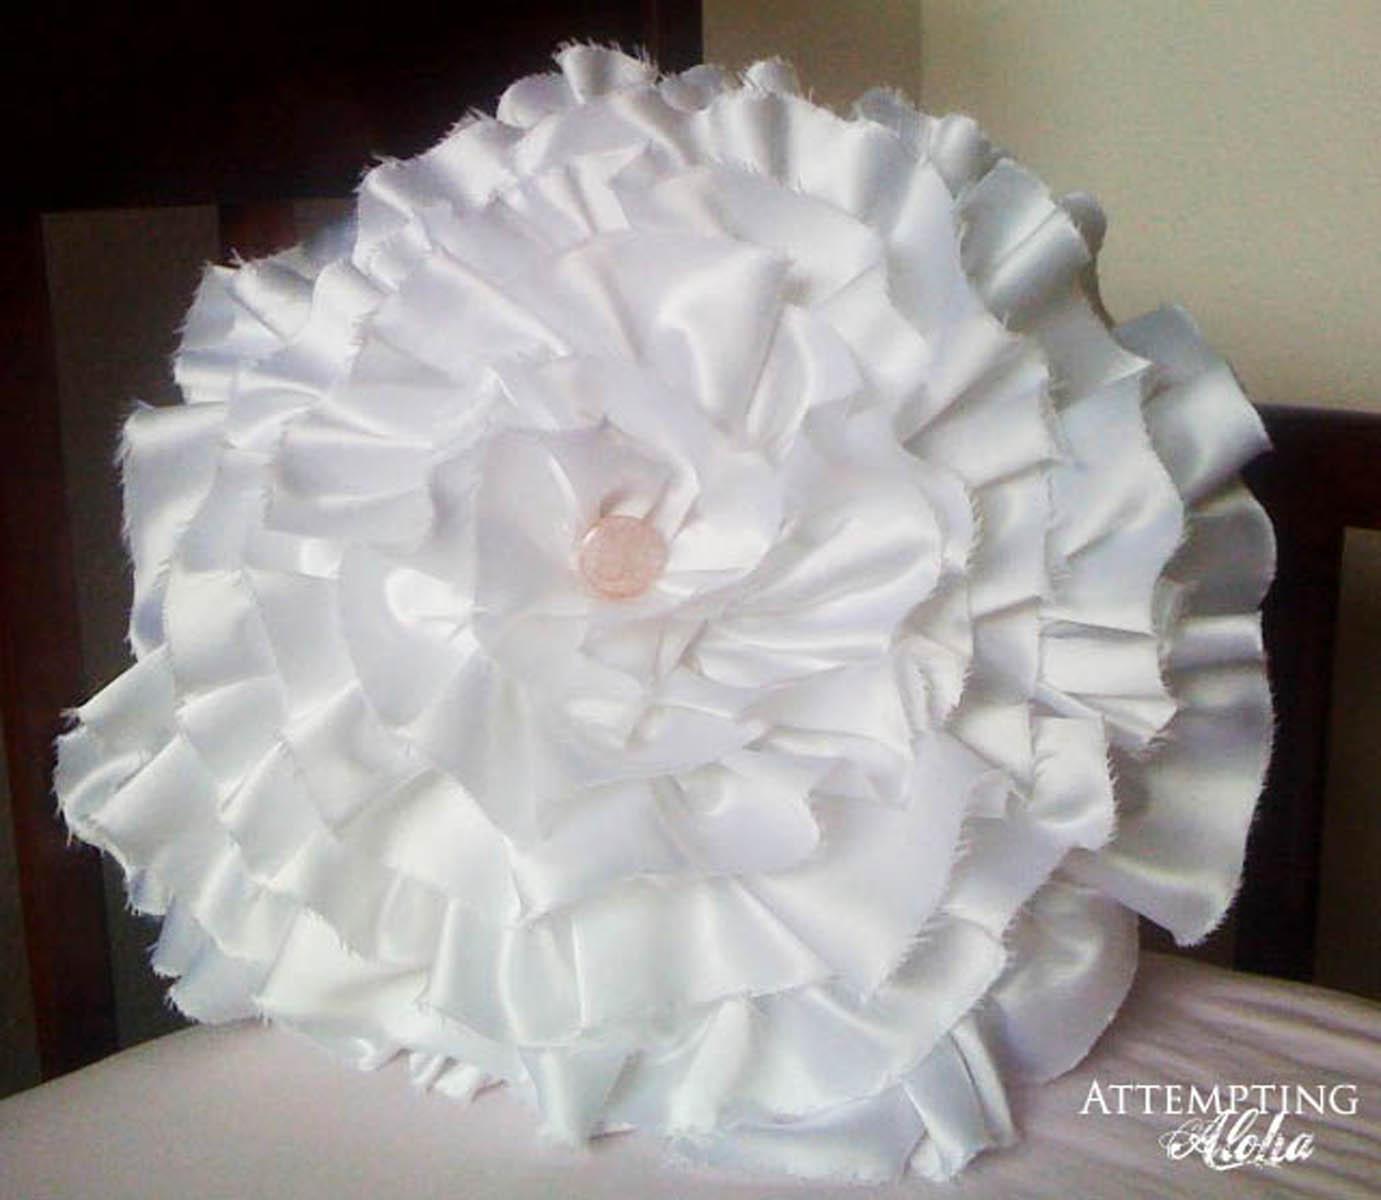 http://3.bp.blogspot.com/_7GDWF1D9h2o/TQFctnZvxhI/AAAAAAAAAR8/DPlvqqX8Dy4/s1600/Wedding+Dress+Pillow+8.jpg